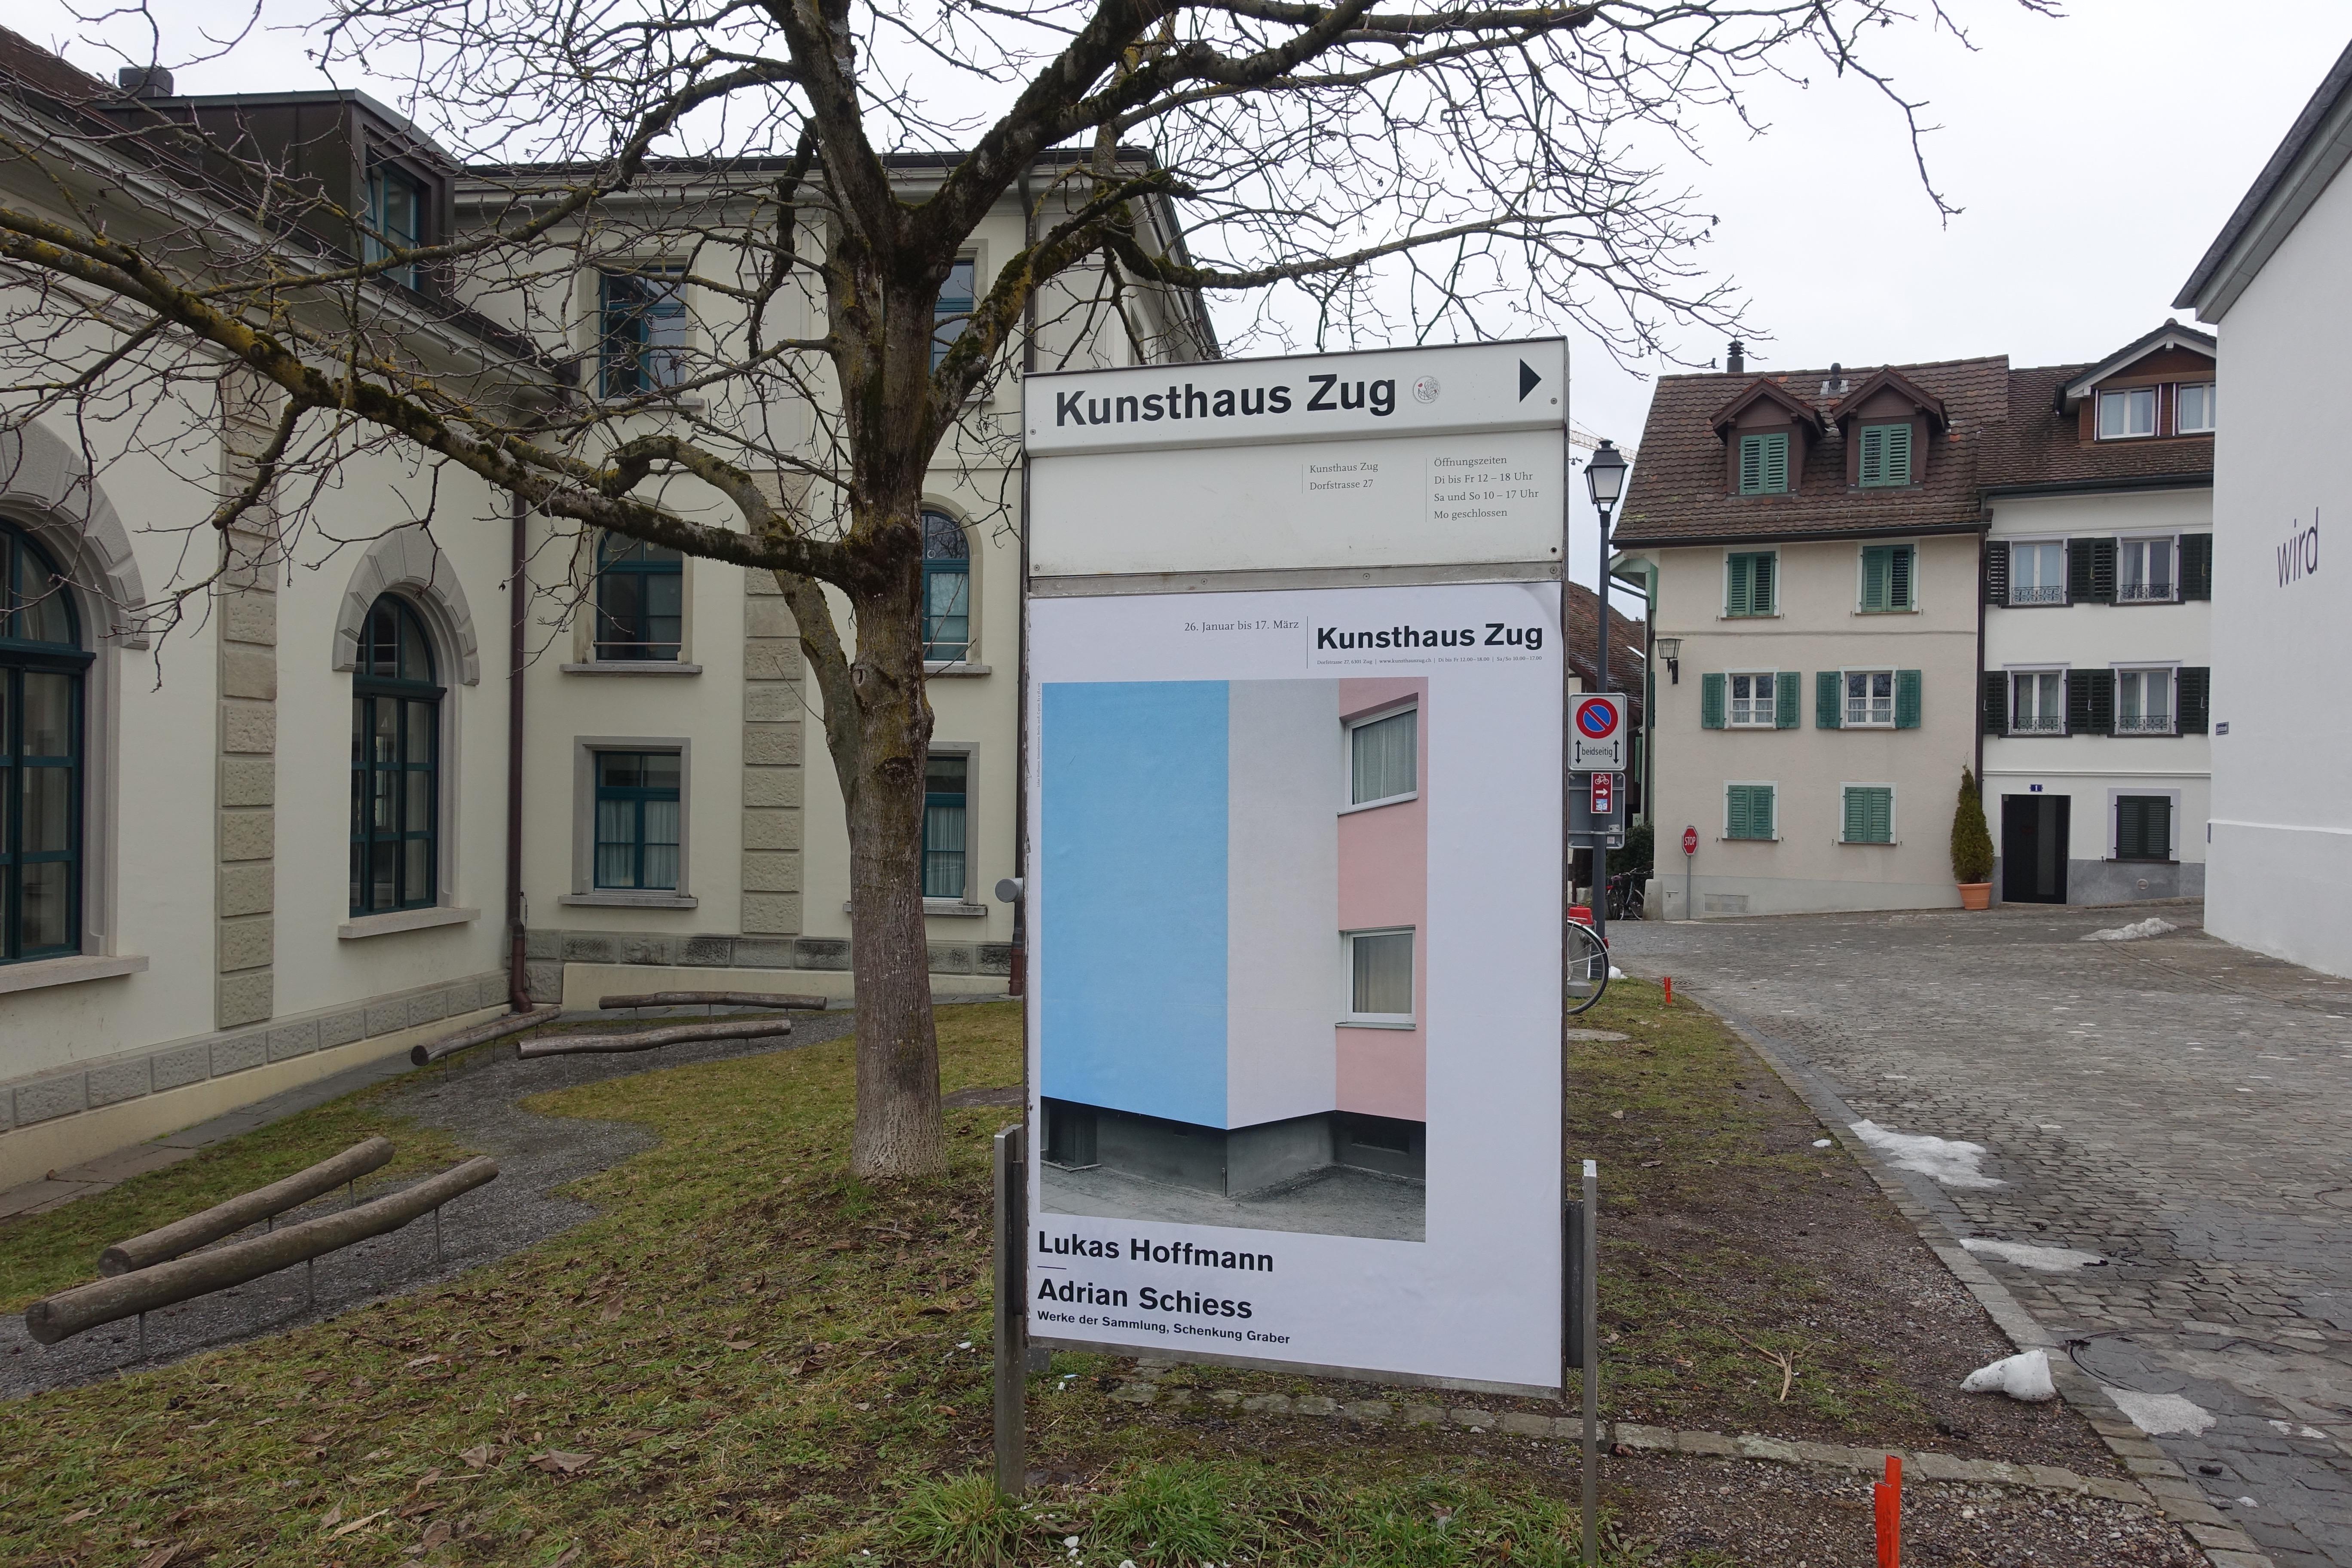 Die Kunst kompensiert atmosphärische Defizite im Ortsbild.